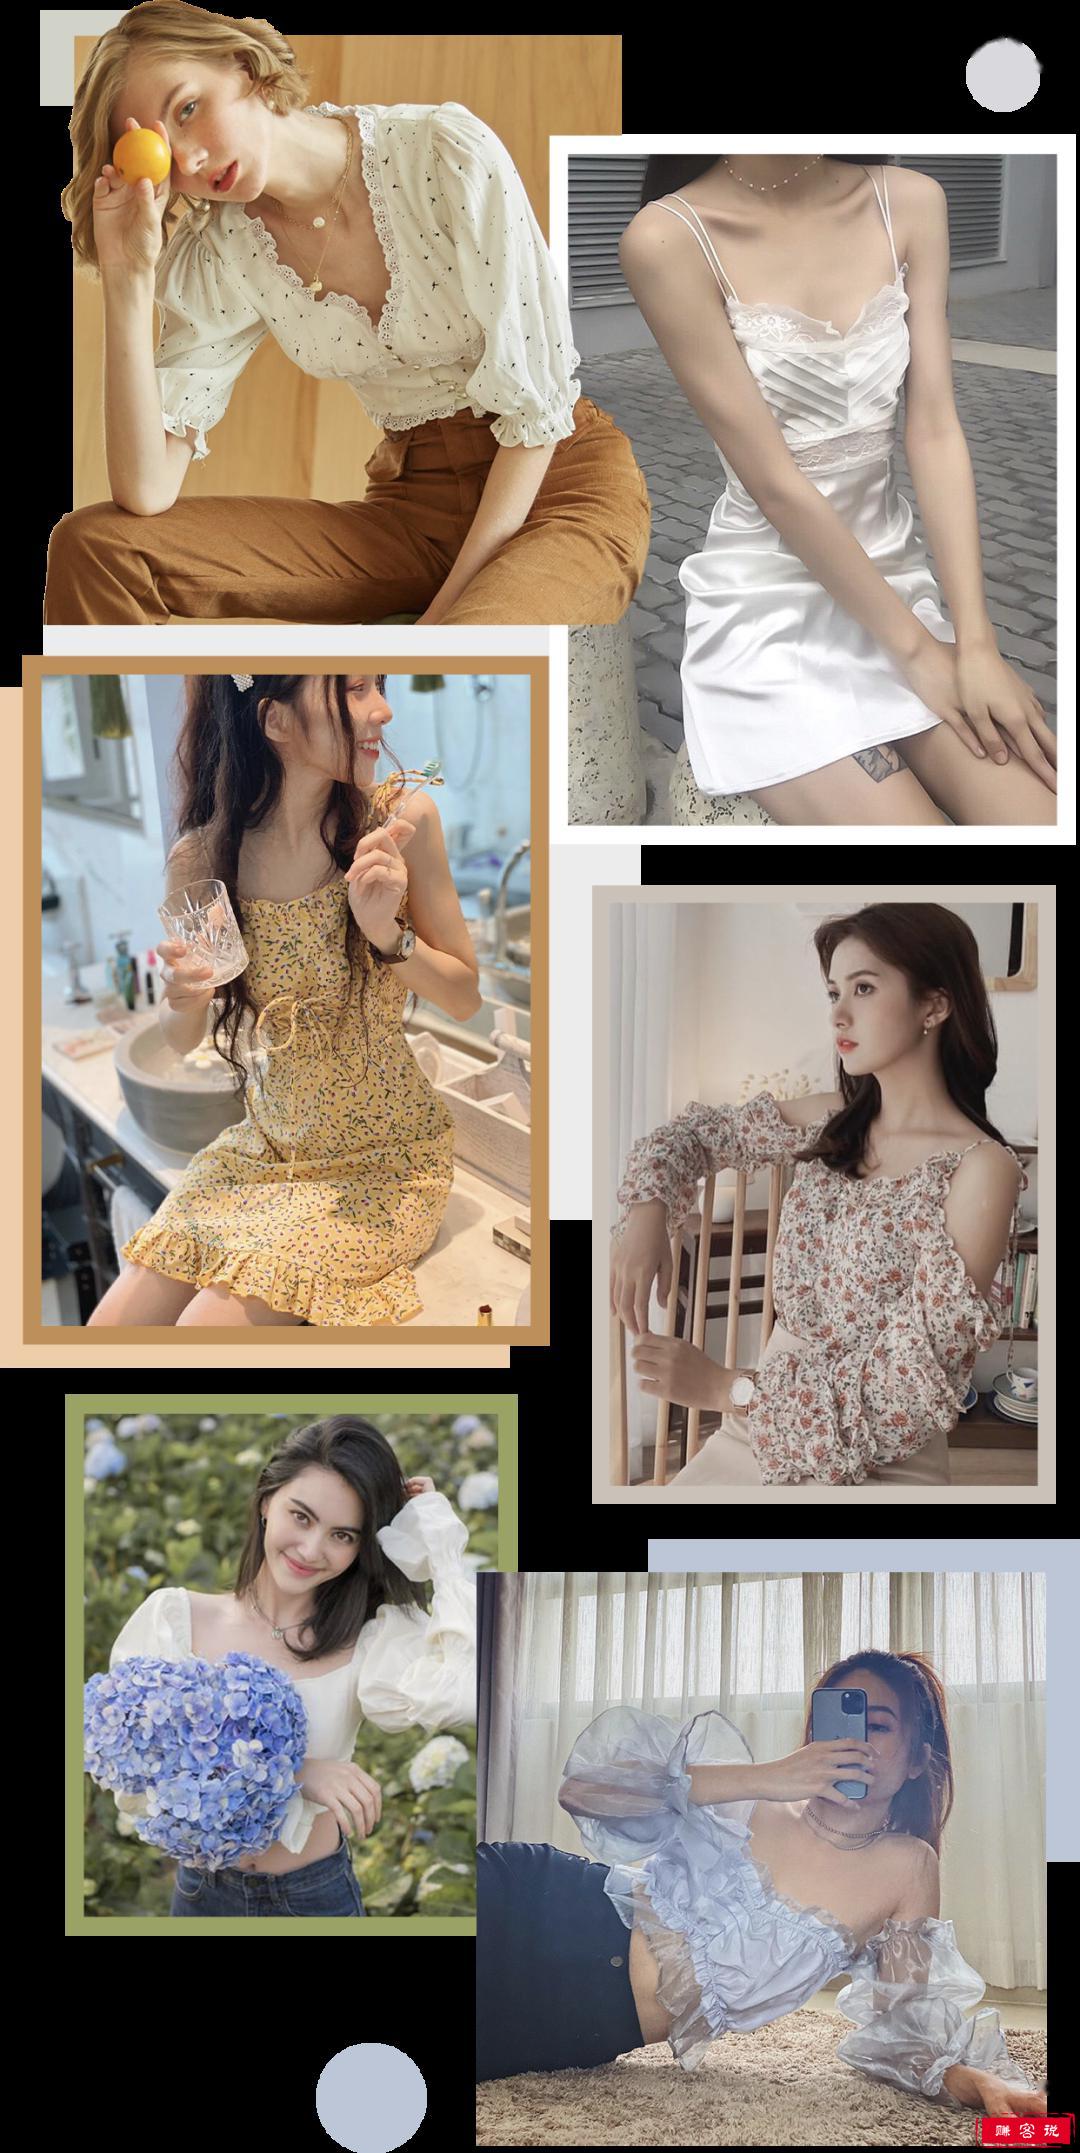 小众衣服品牌有哪些?-平价小众衣服哪些品牌质感好?